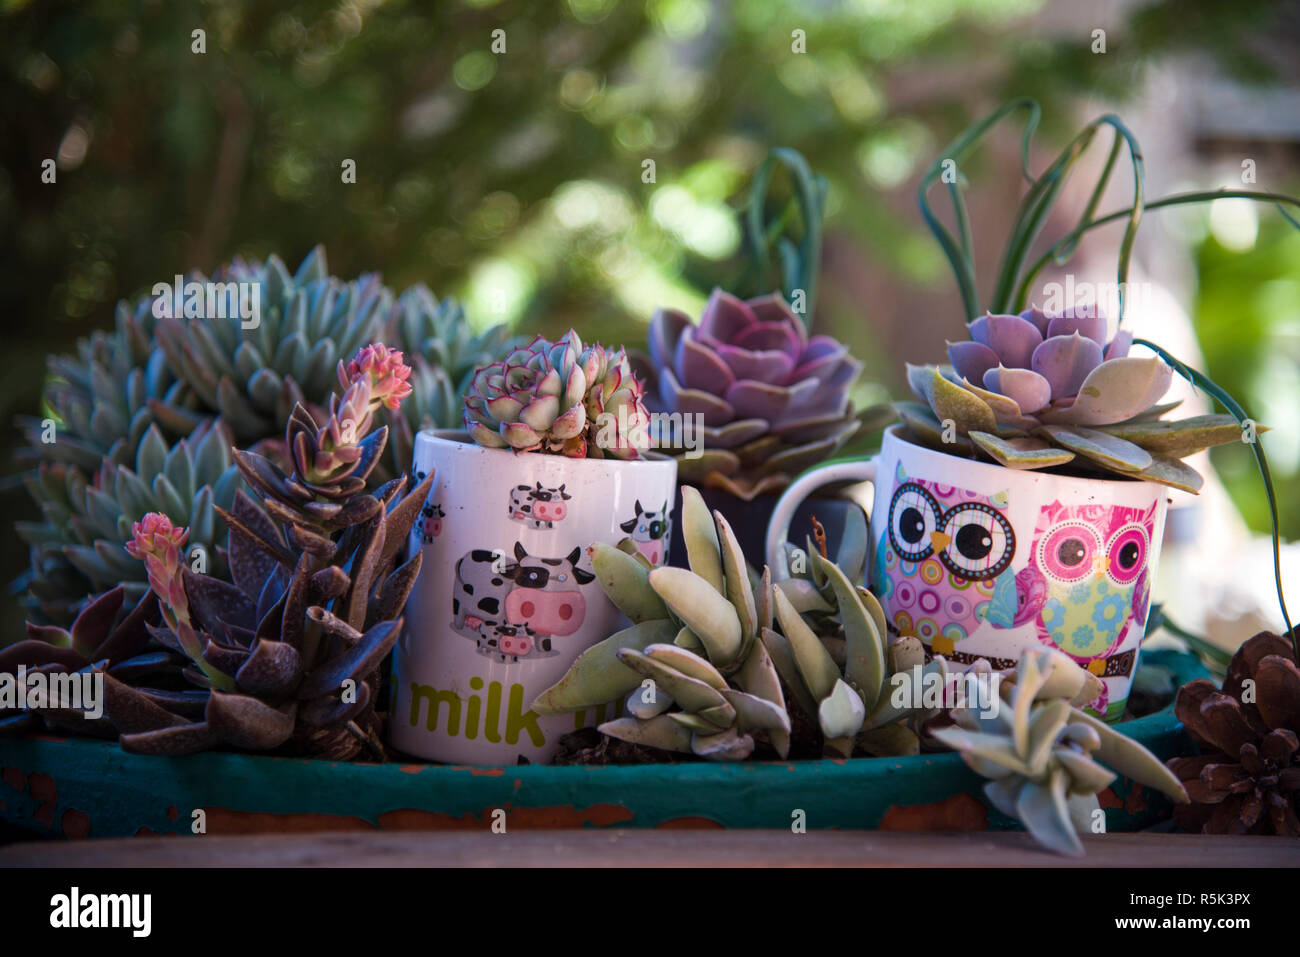 Kaktus Feengarten Stockfotos Kaktus Feengarten Bilder Alamy